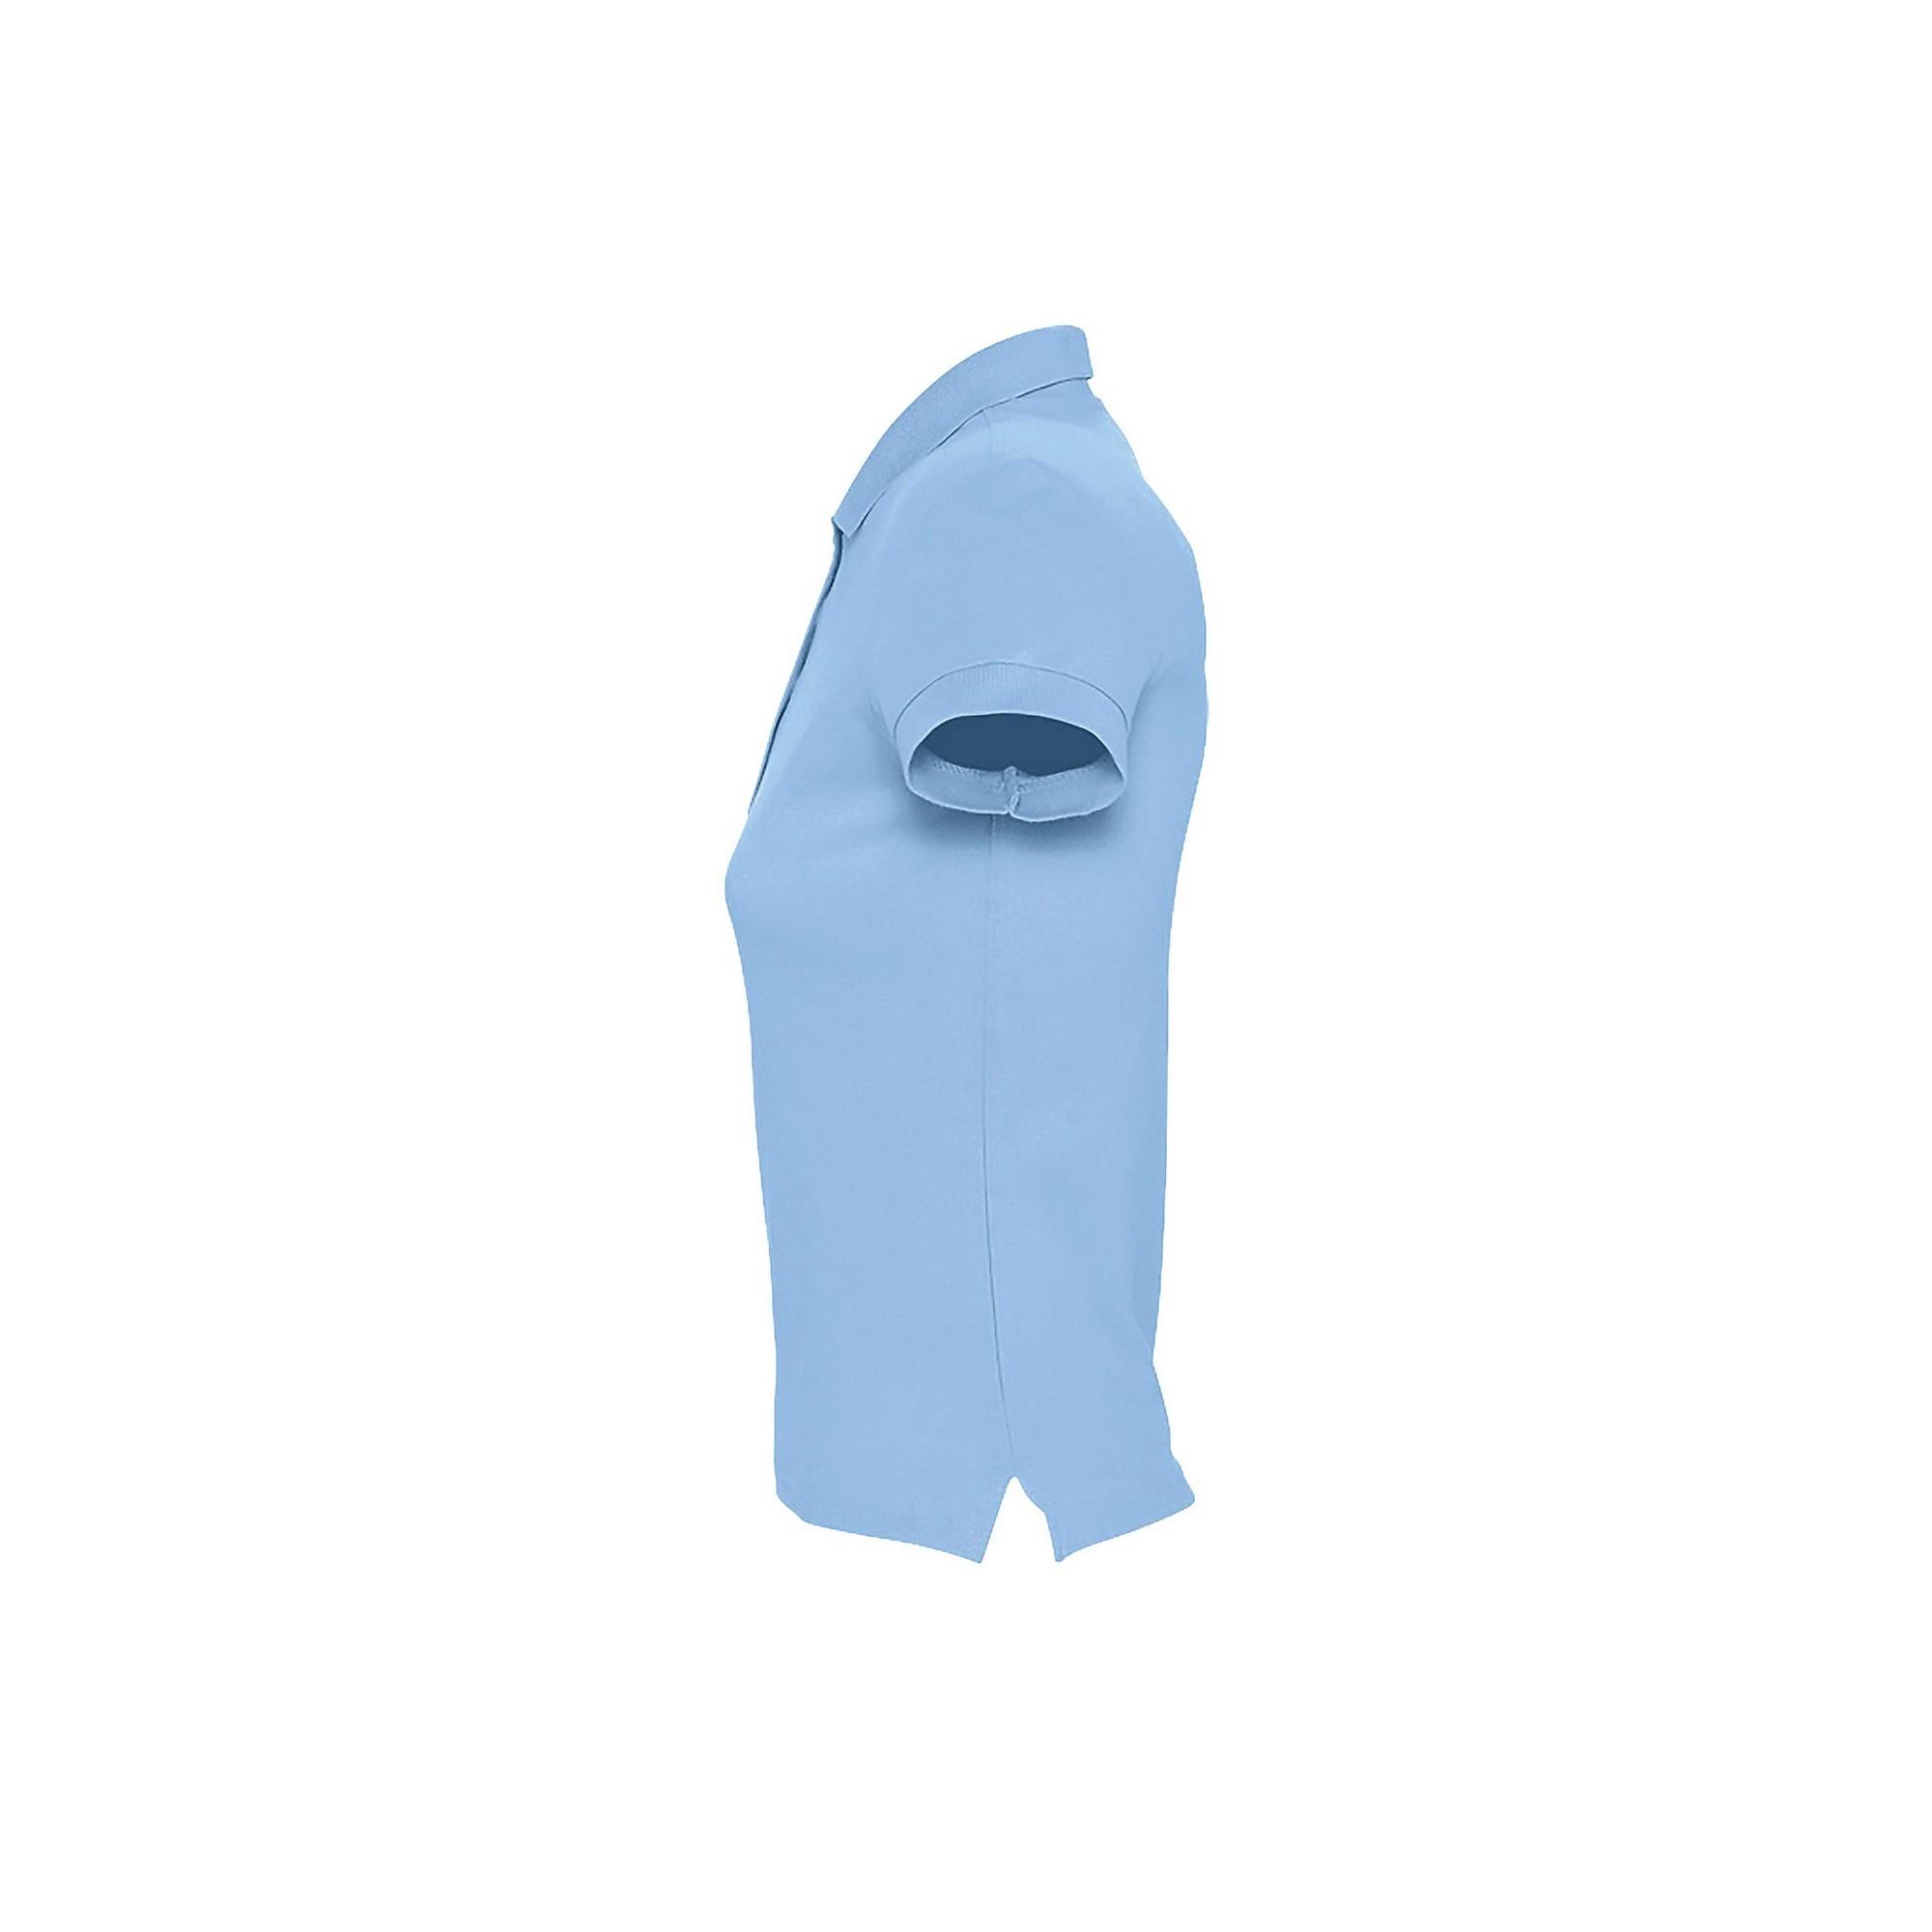 miniature 17 - SOLS Passion - Polo 100% coton à manches courtes - Femme (S-2XL) 16 (PC317)